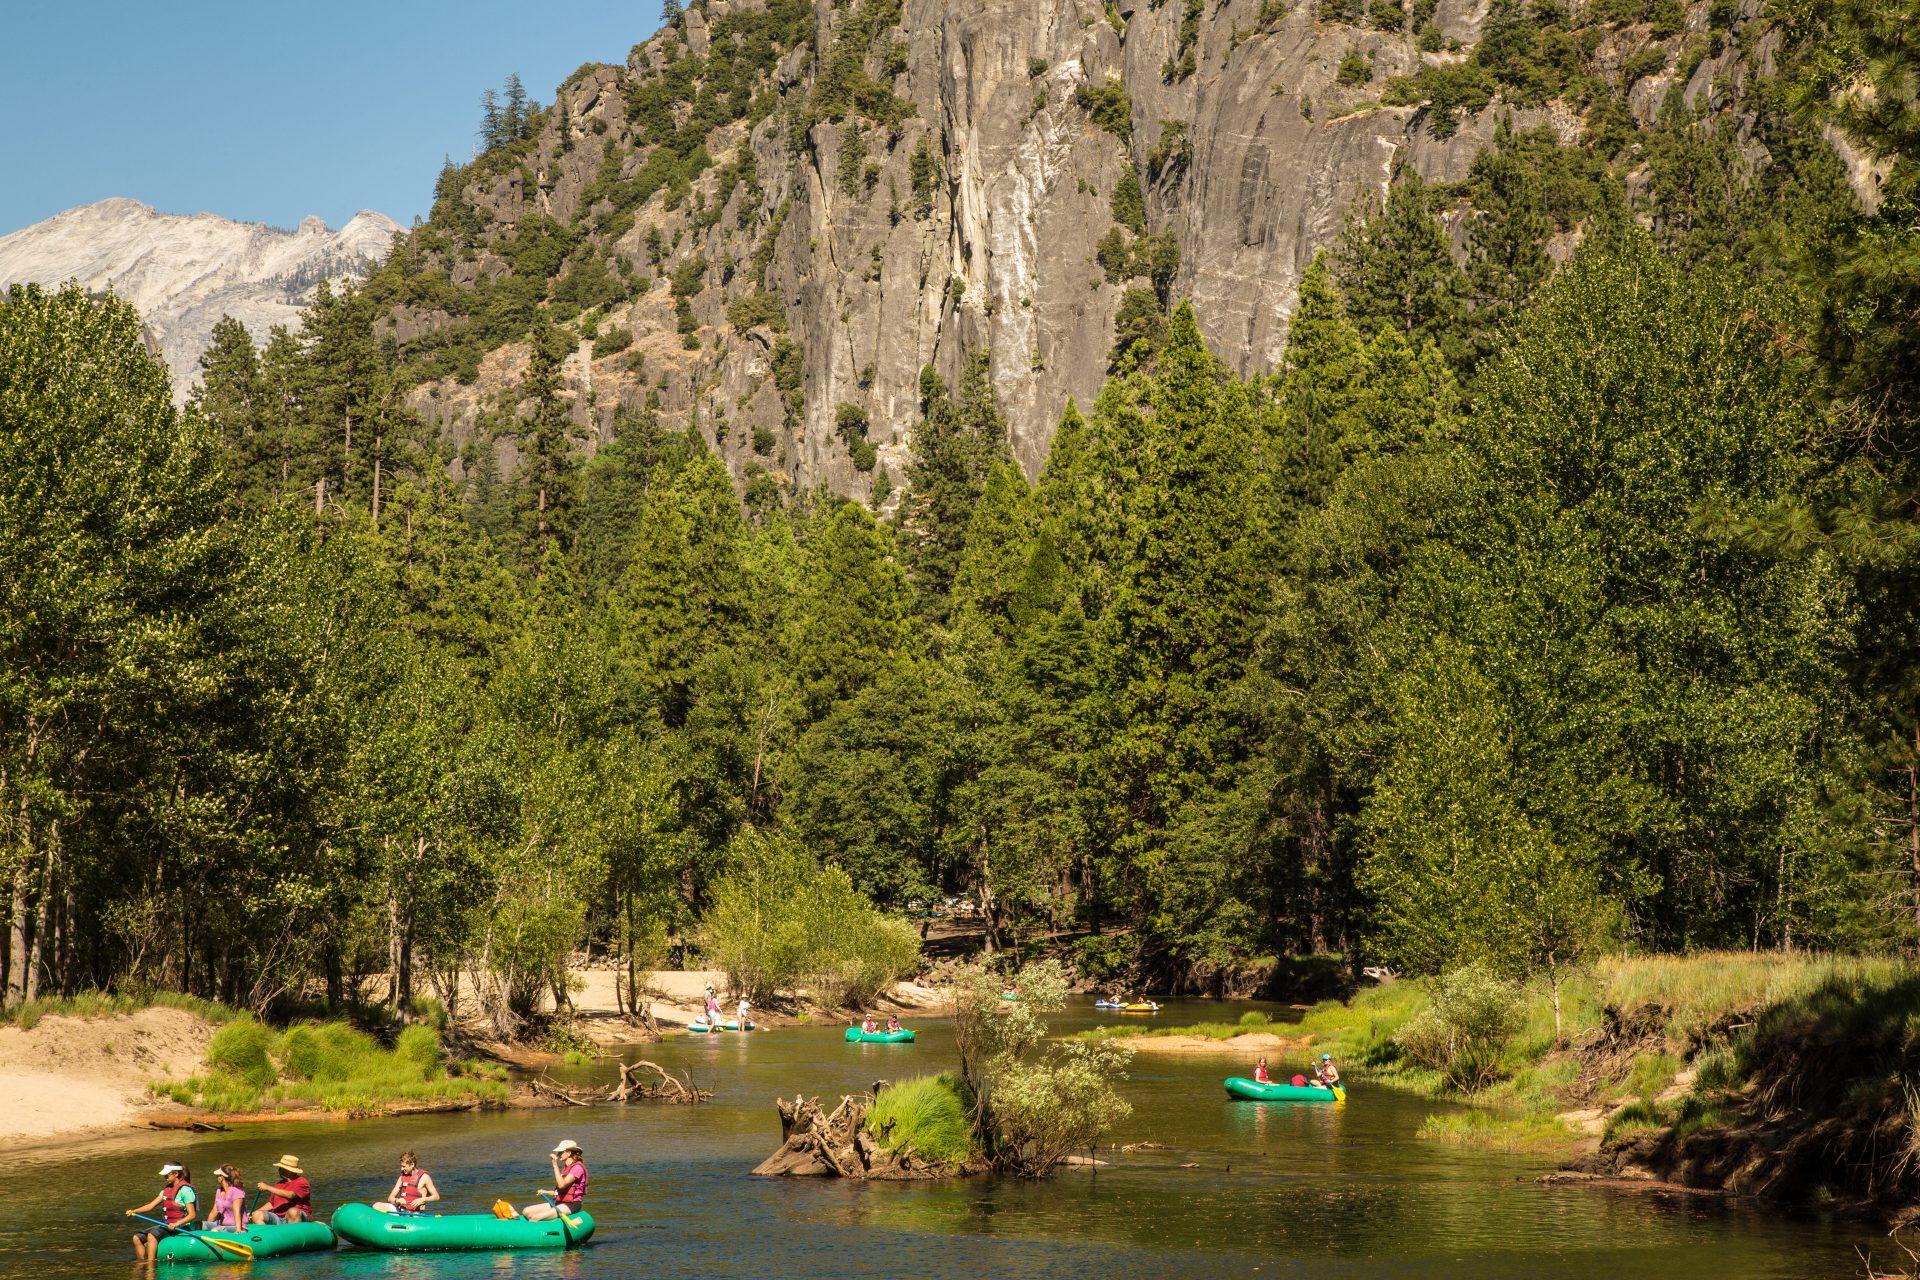 O Parque Nacional de Yosemite é o destino de quem busca se (re)conectar com a natureza